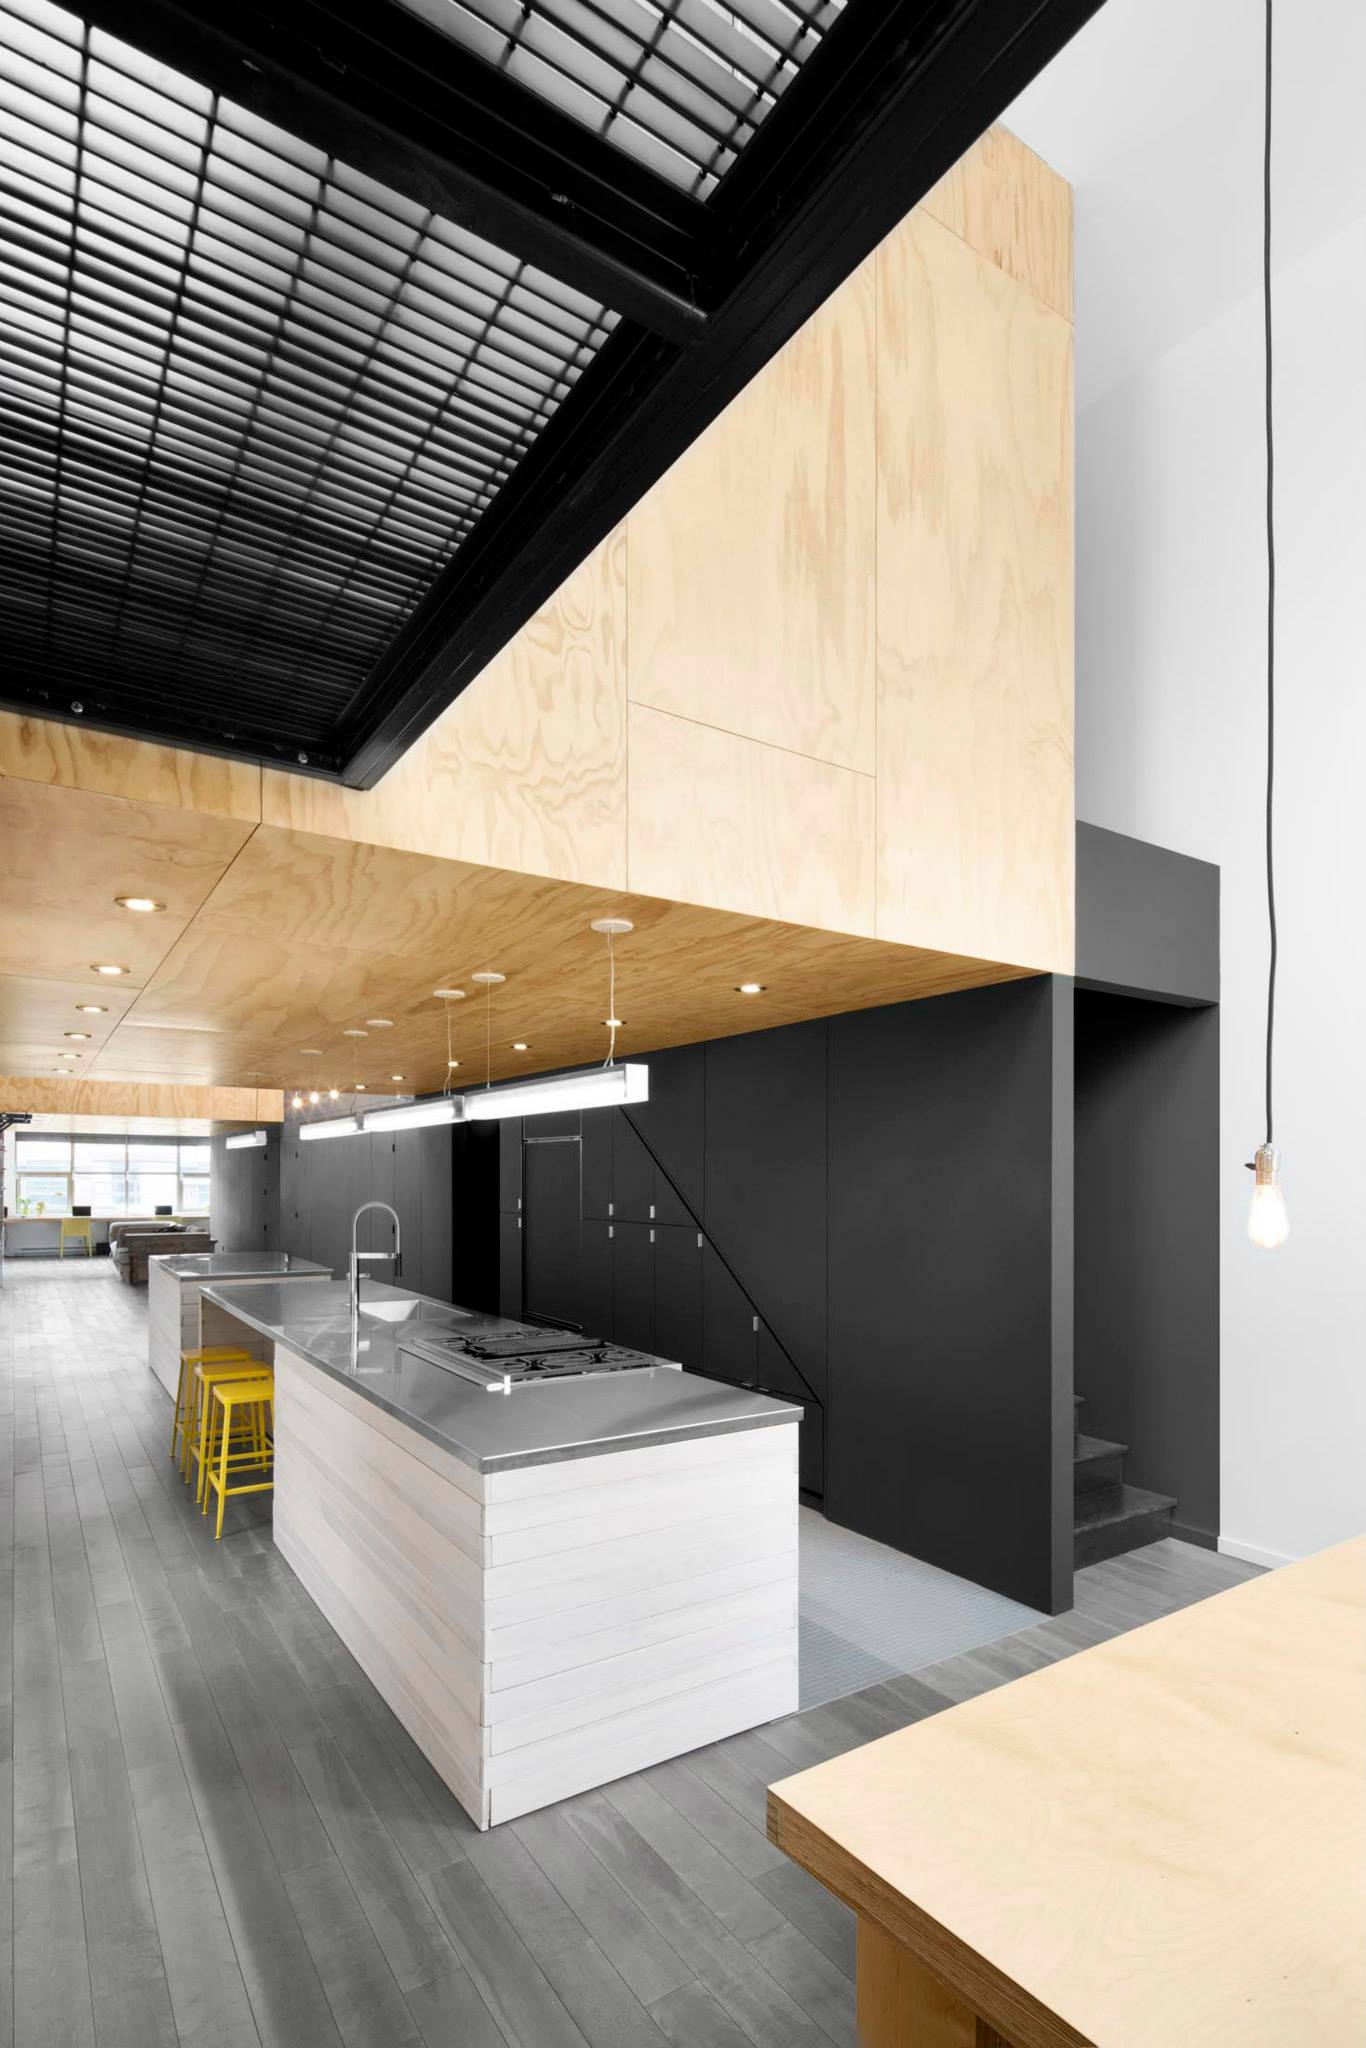 Nature-humaine-maison-suspension-quebec-design-03